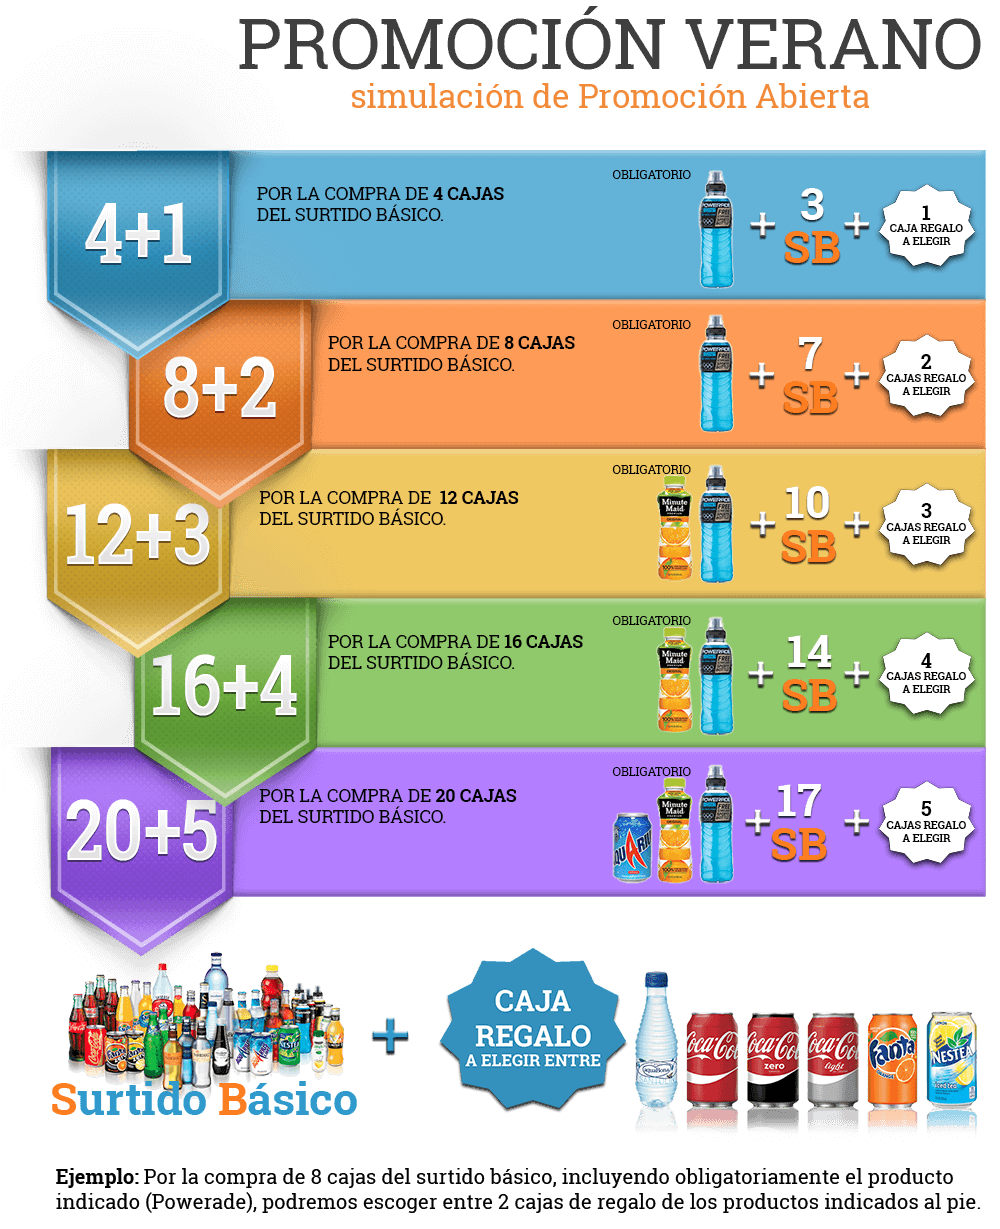 Promociones abiertas empresas distribución de bebidas